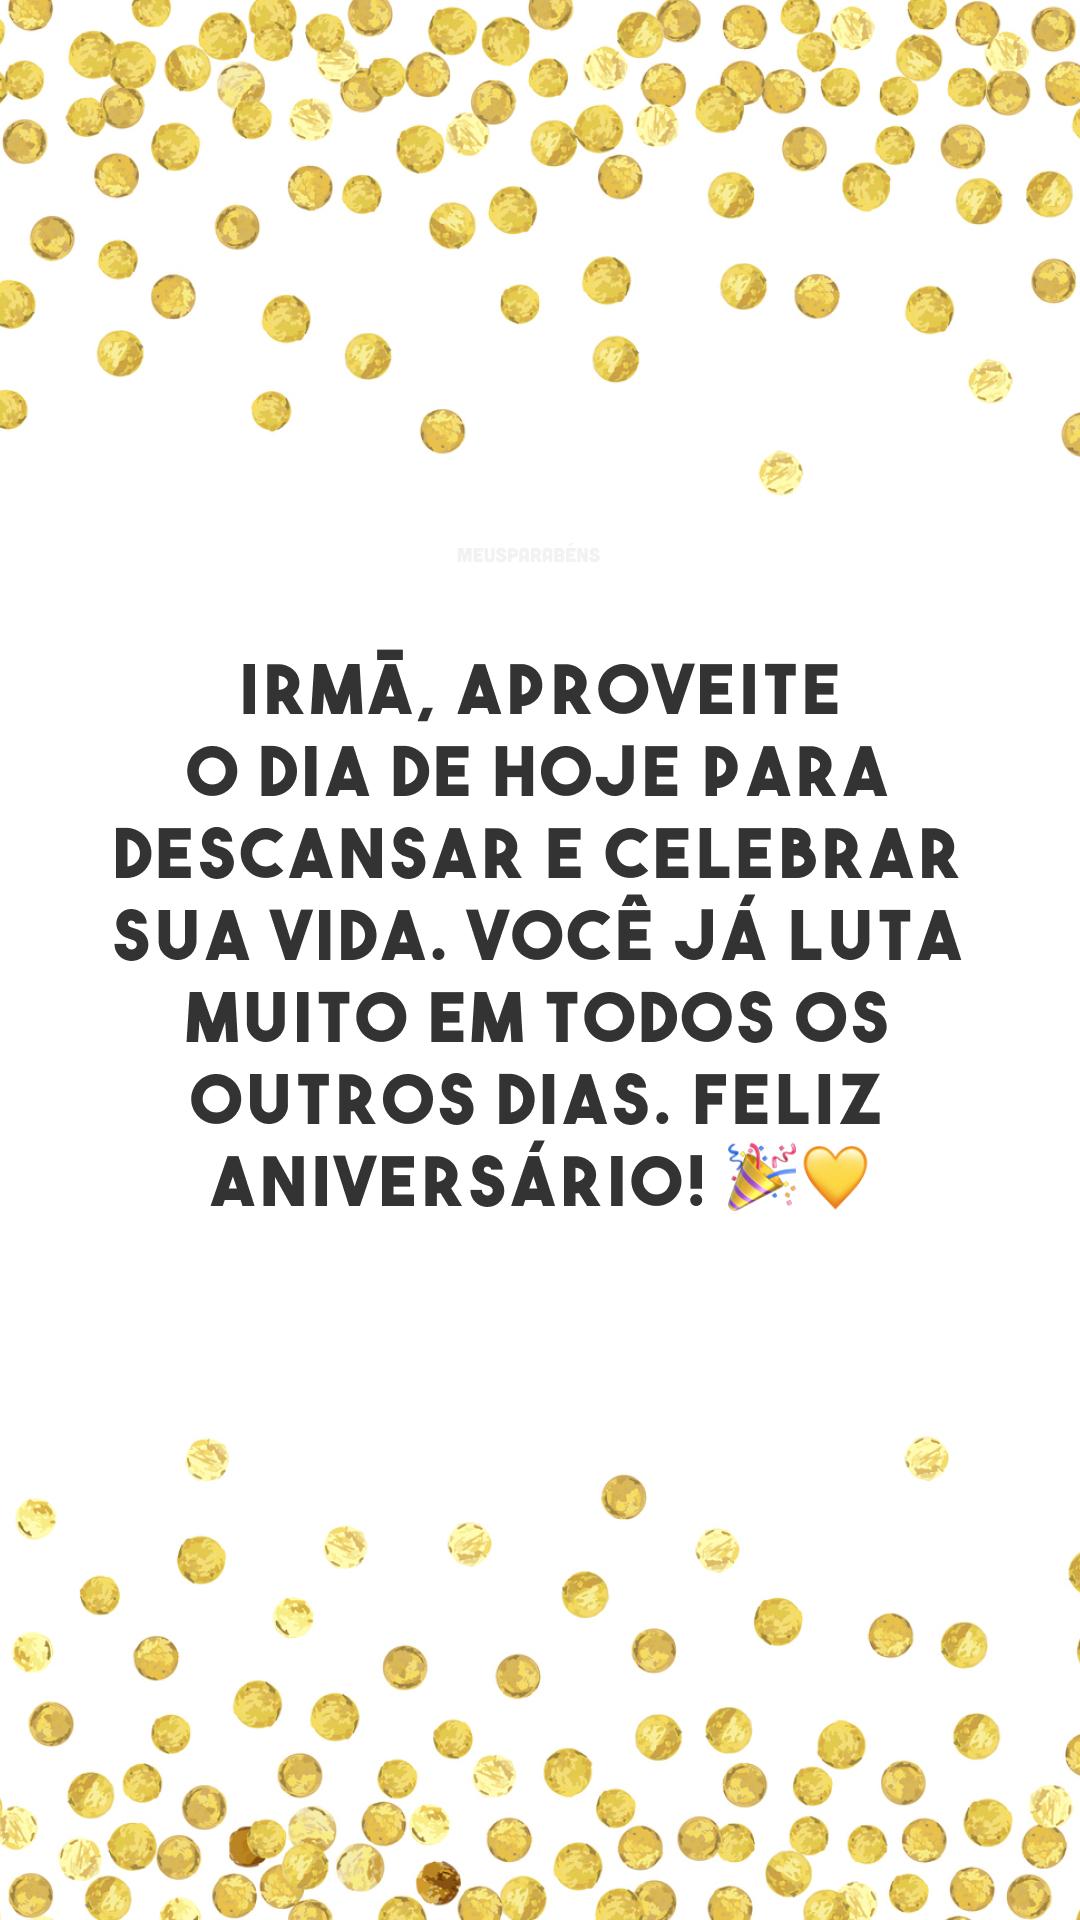 Irmã, aproveite o dia de hoje para descansar e celebrar sua vida. Você já luta muito em todos os outros dias. Feliz aniversário! 🎉💛